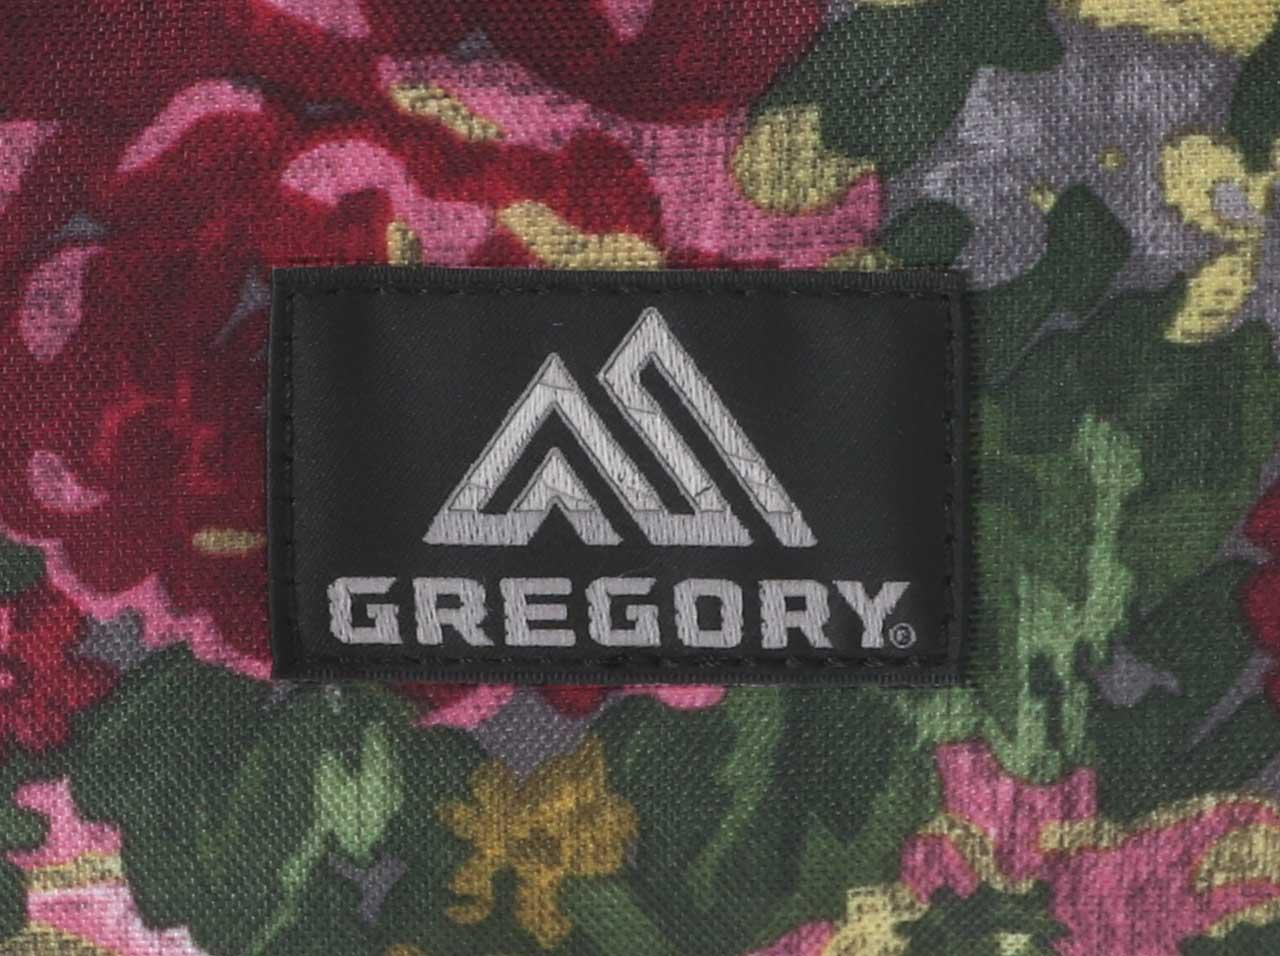 GREGORY エンベロップショルダー - 1254080511